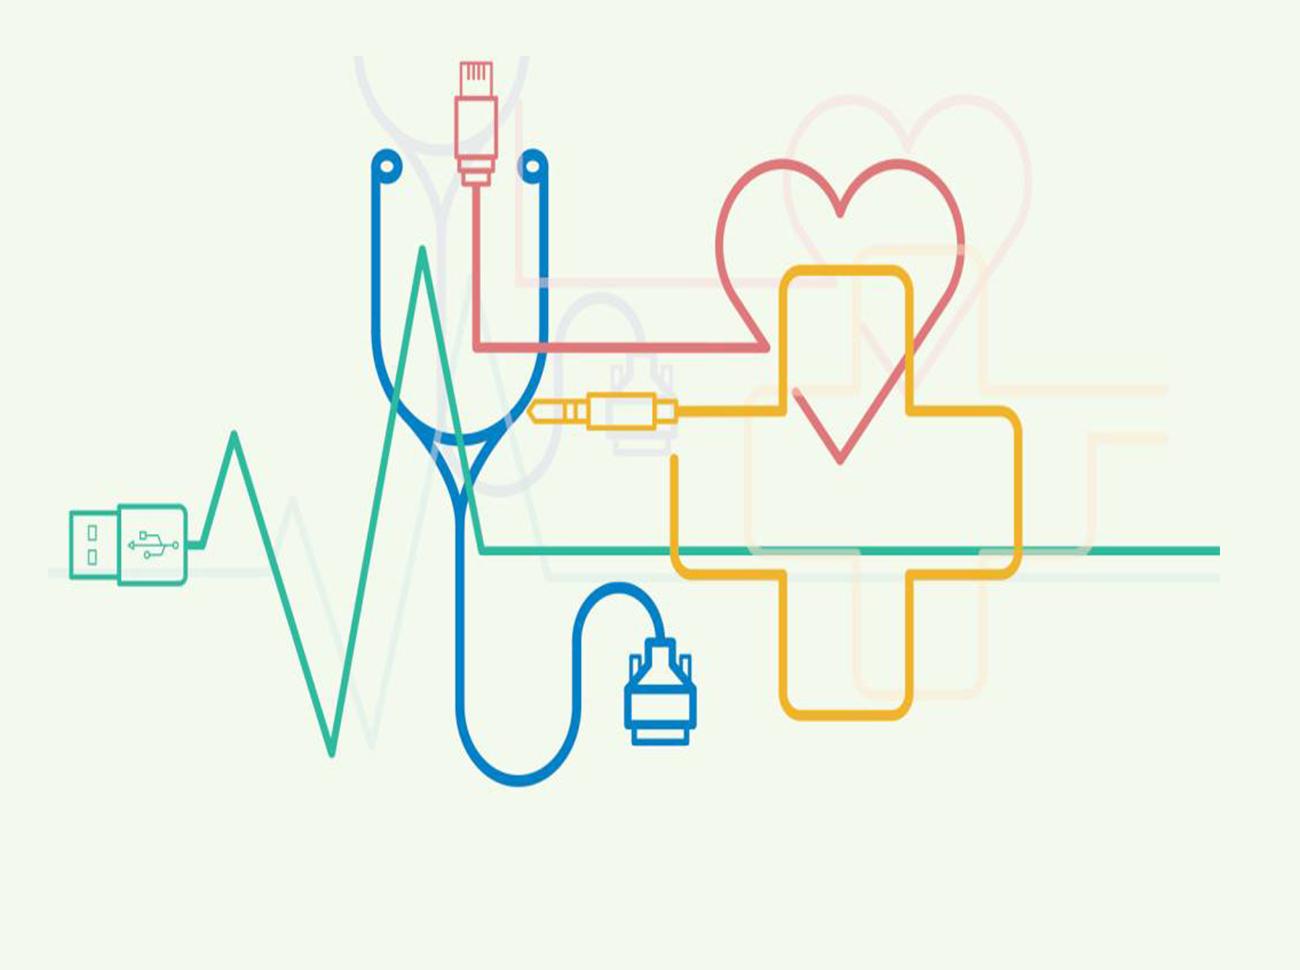 Dijital Sağlık Uygulamaları ve Pazarlamaya Katkısı